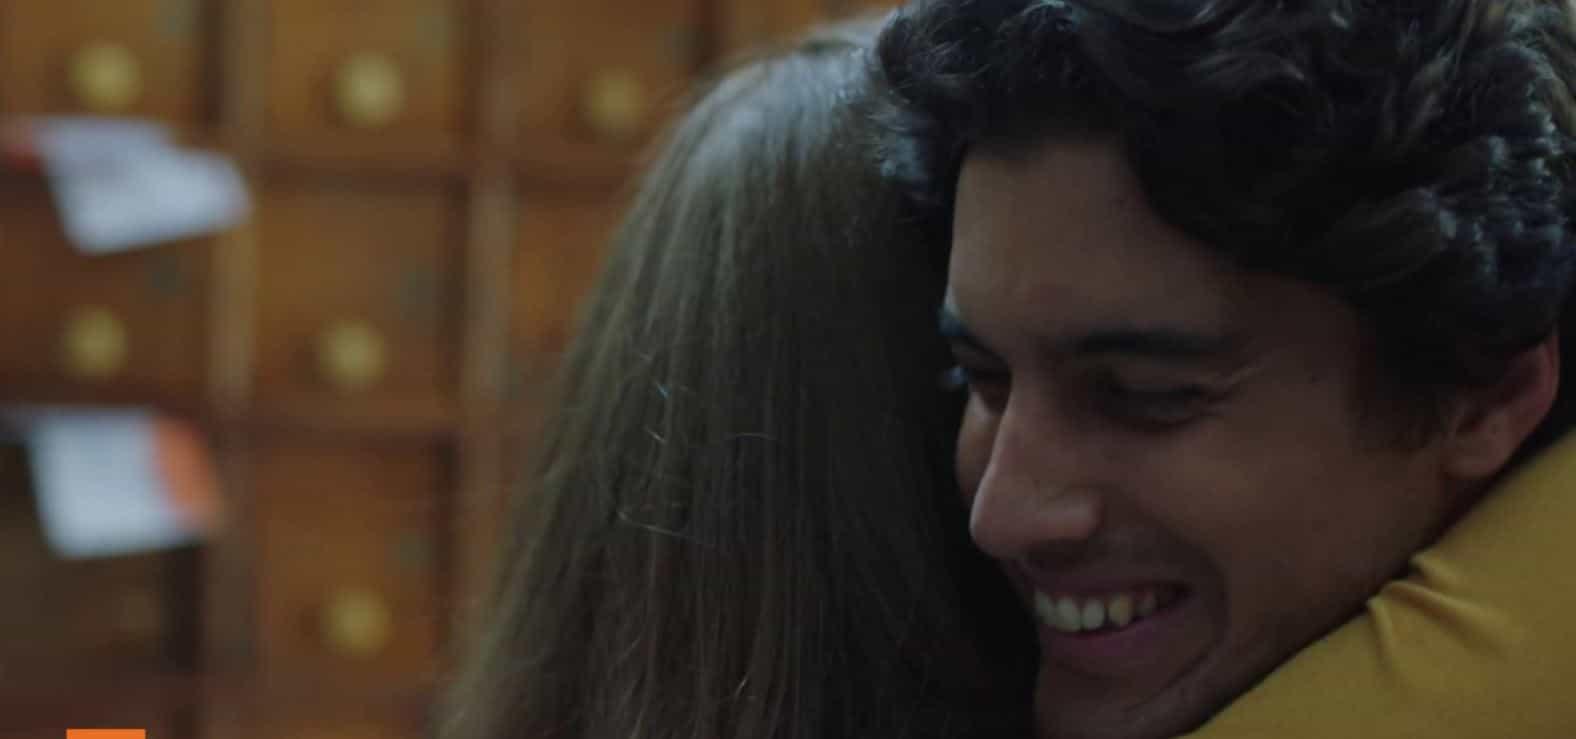 كلمات اغنية سنة الحياه حسين الجسمي